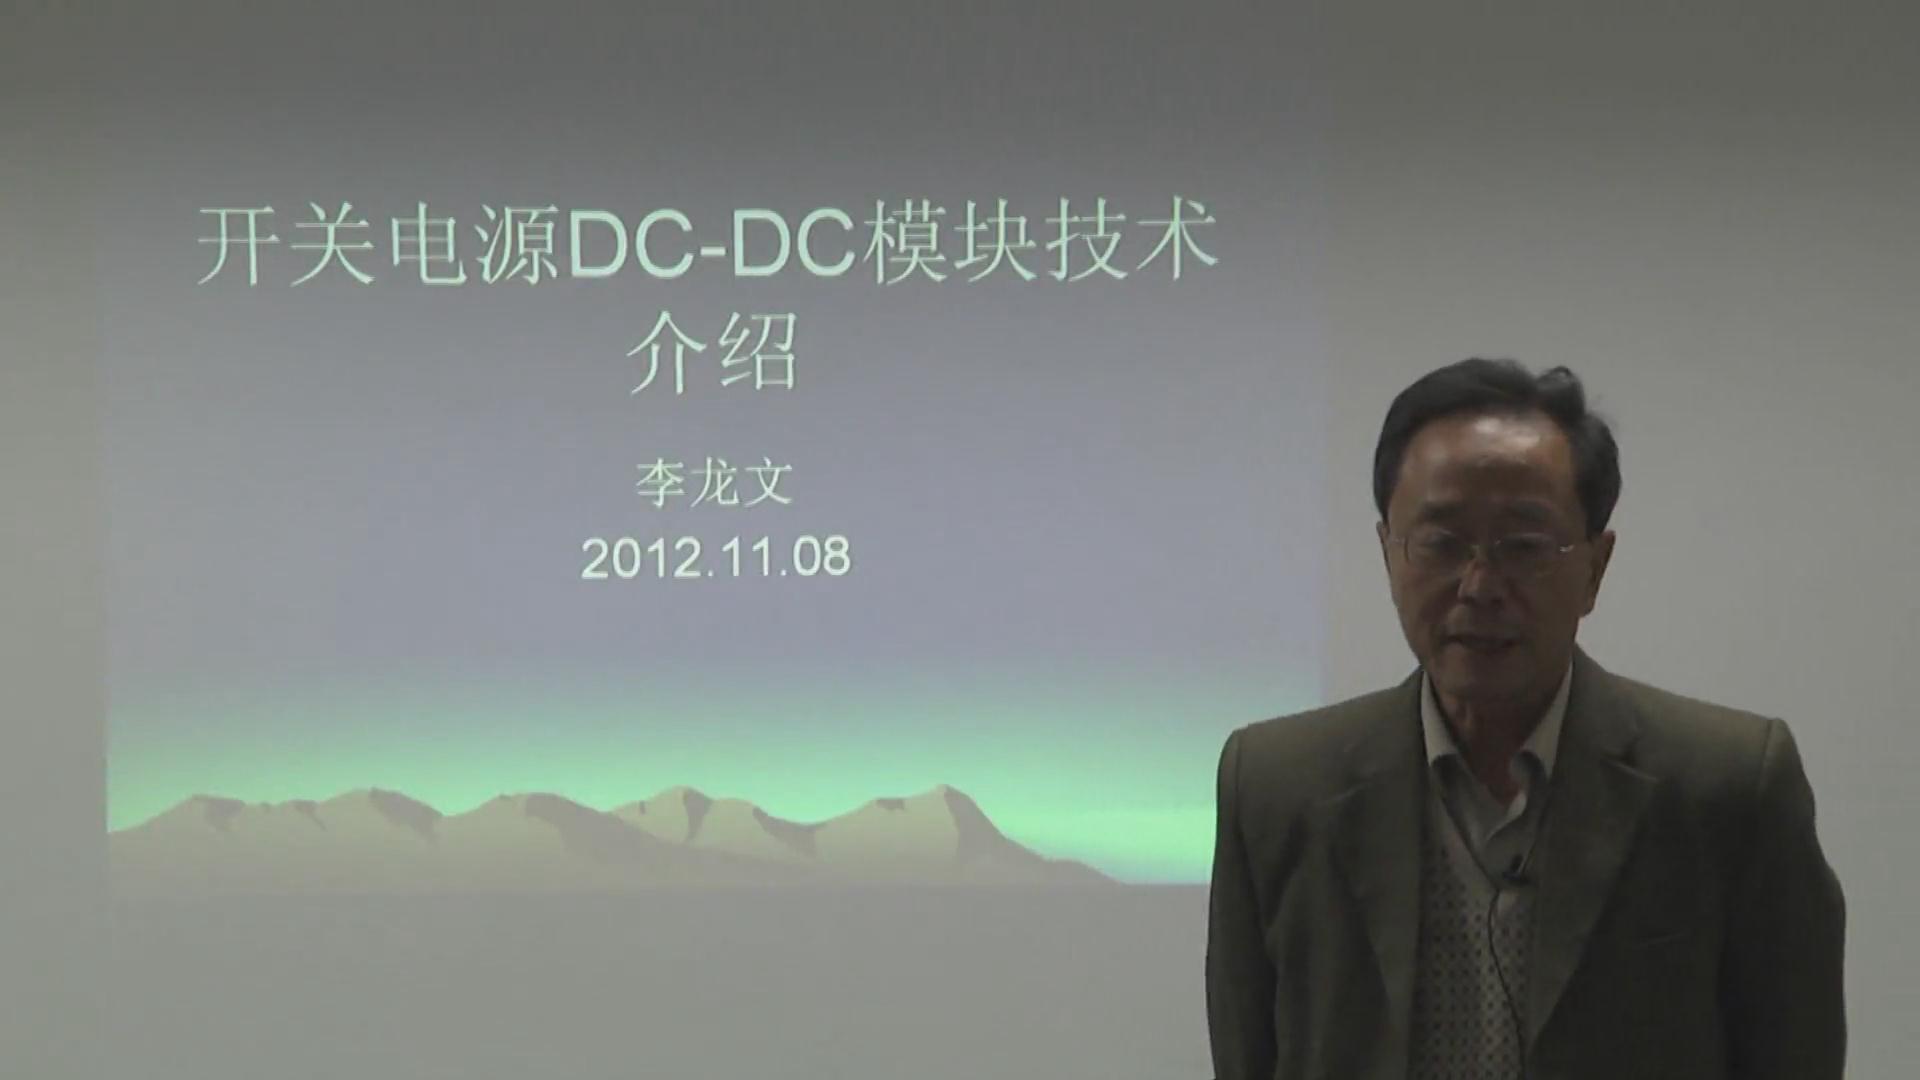 李龙文讲电源:开关电源DC-DC模块技术介绍